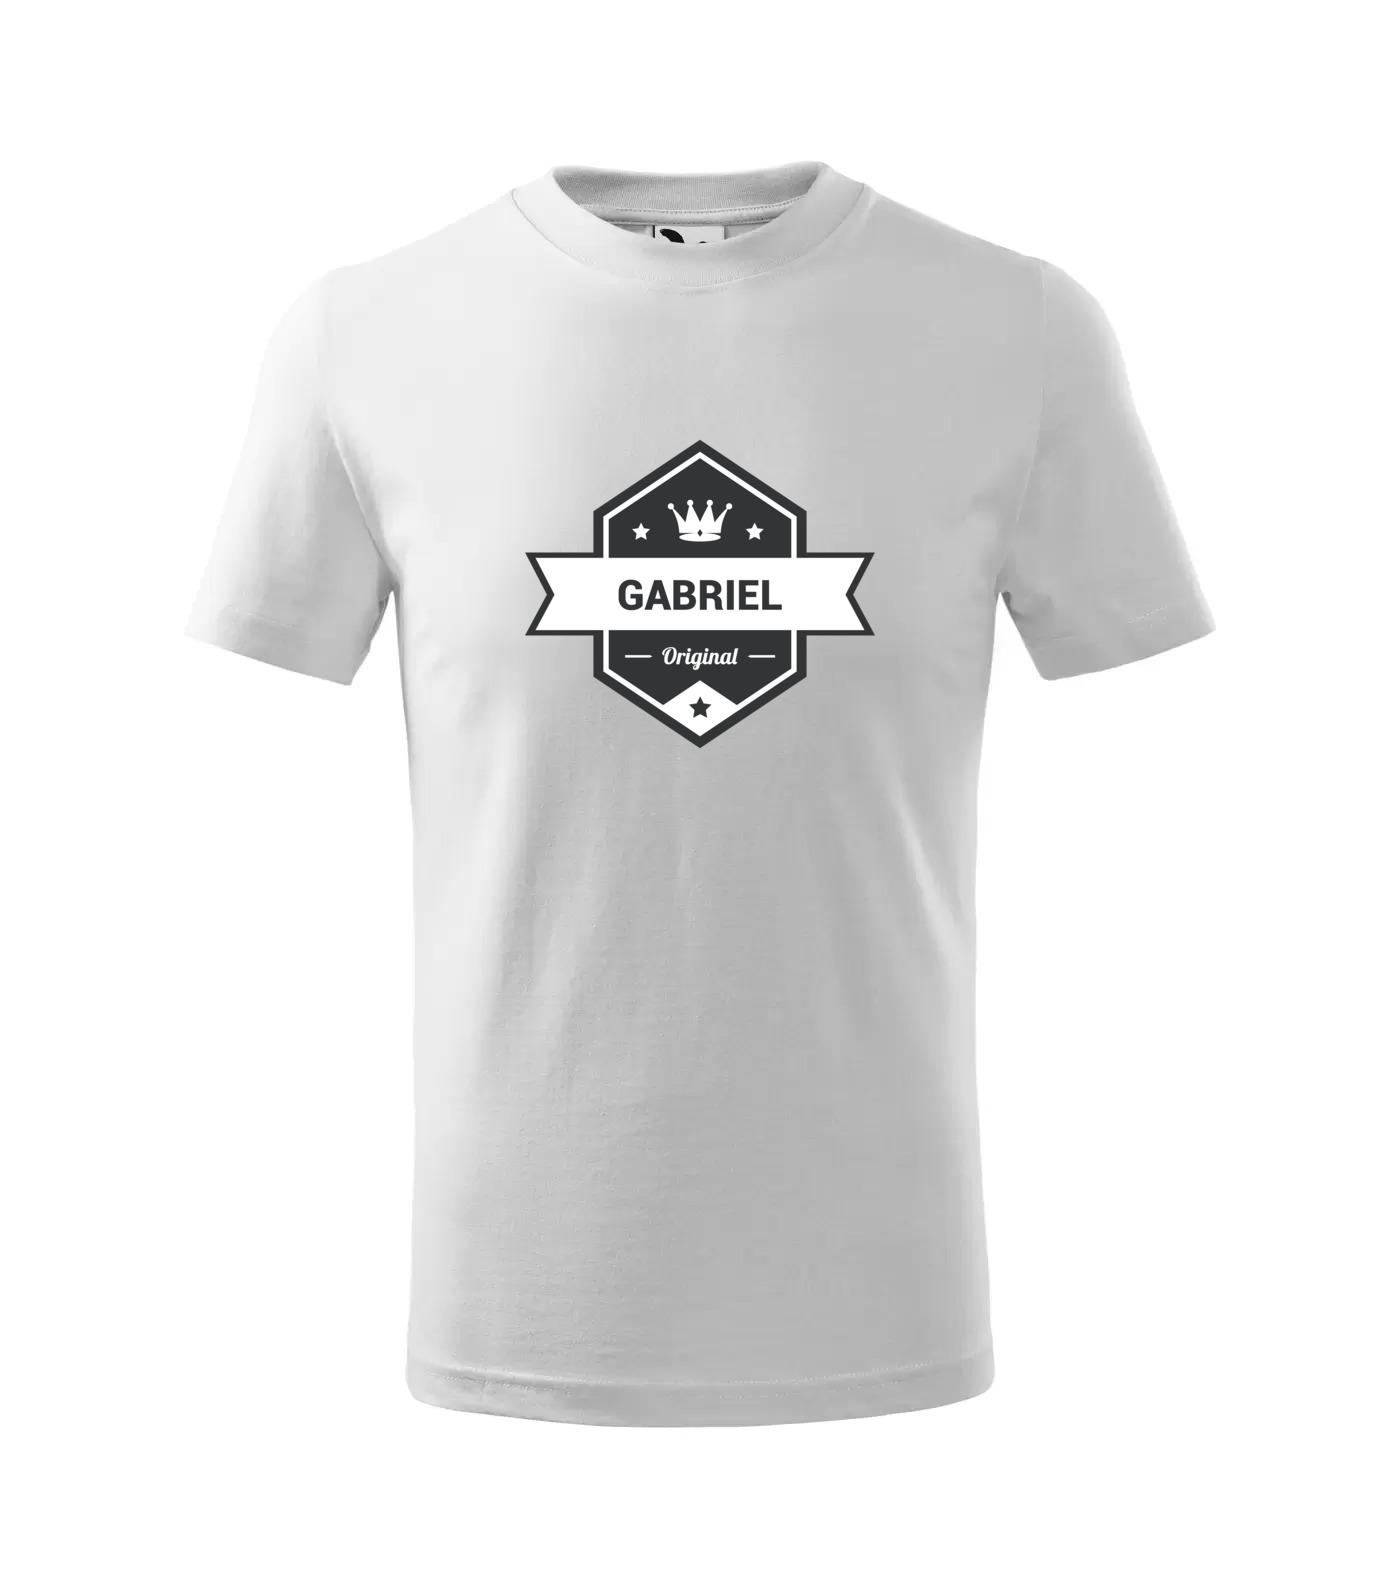 Tričko King Gabriel